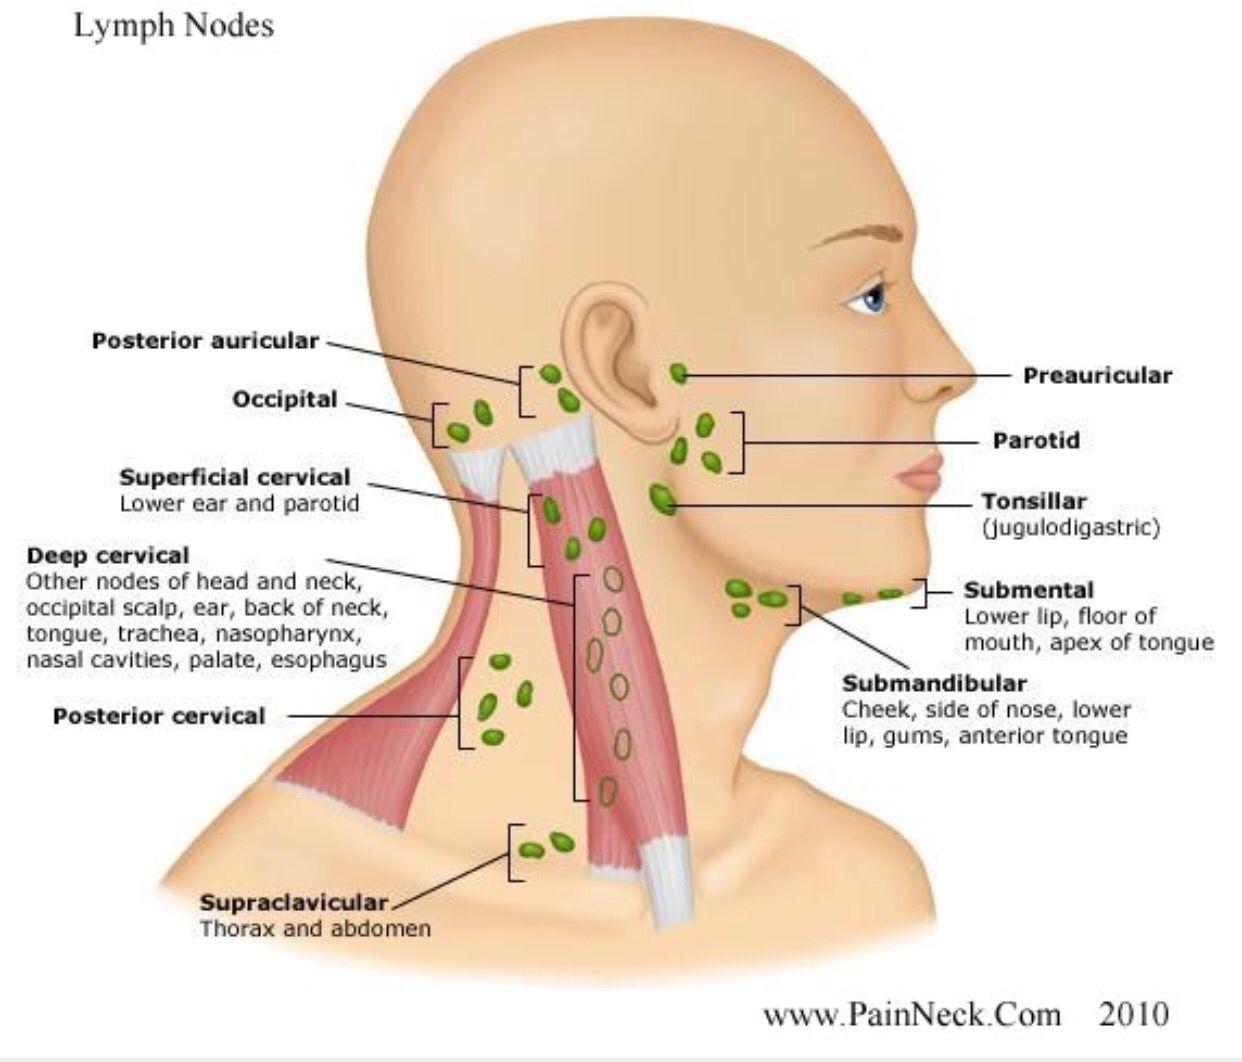 Lymph Nodes Dental Perspective Pinterest Lymph Nodes